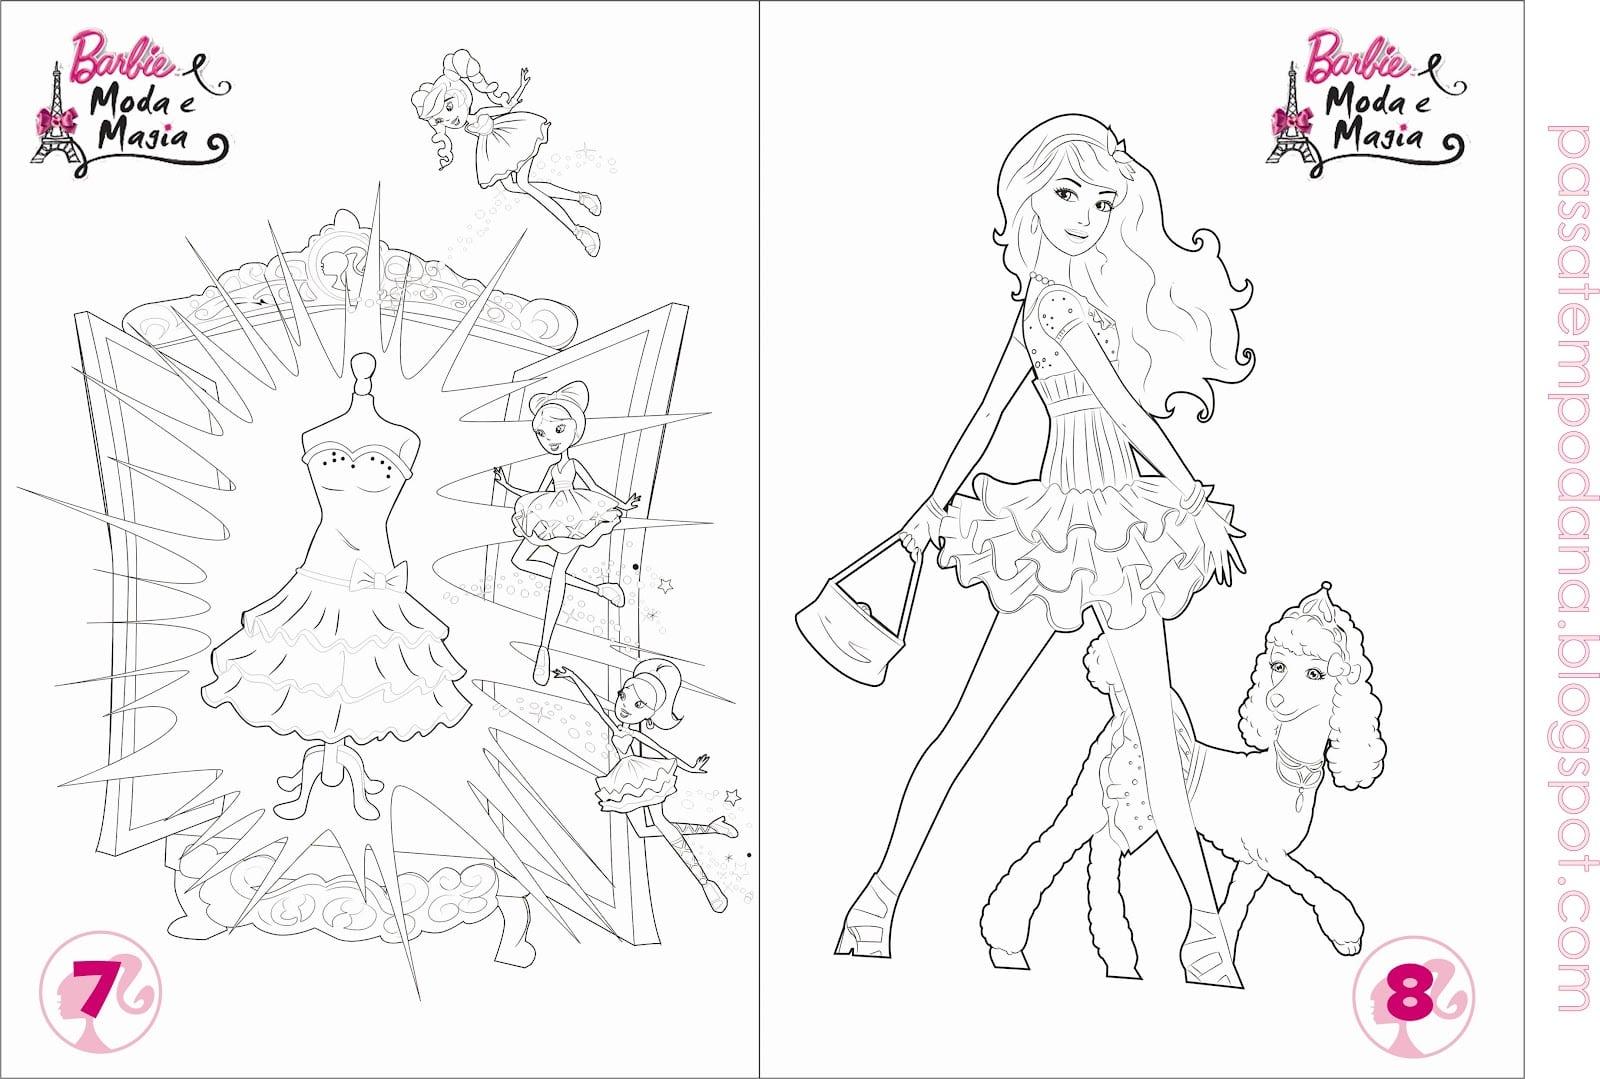 Imagens Para Colorir E Imprimir Da Barbie Moda E Magia